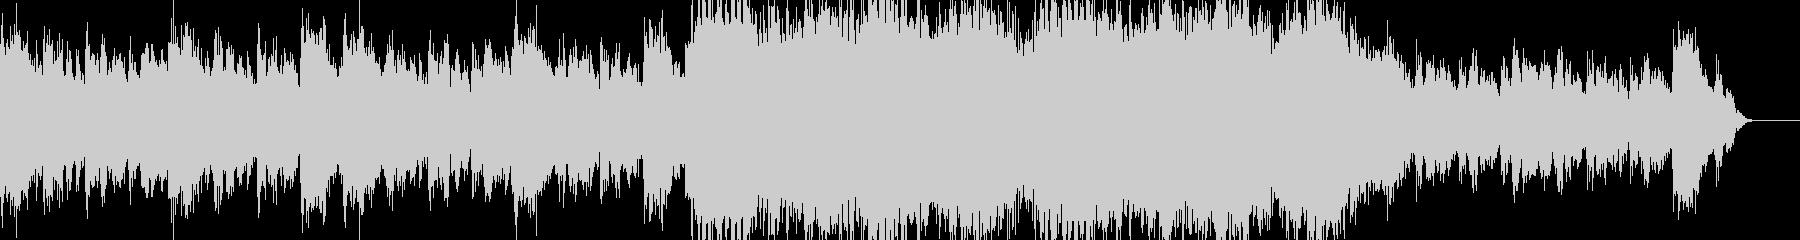 ゲーム ラスボス系 バトル曲の未再生の波形